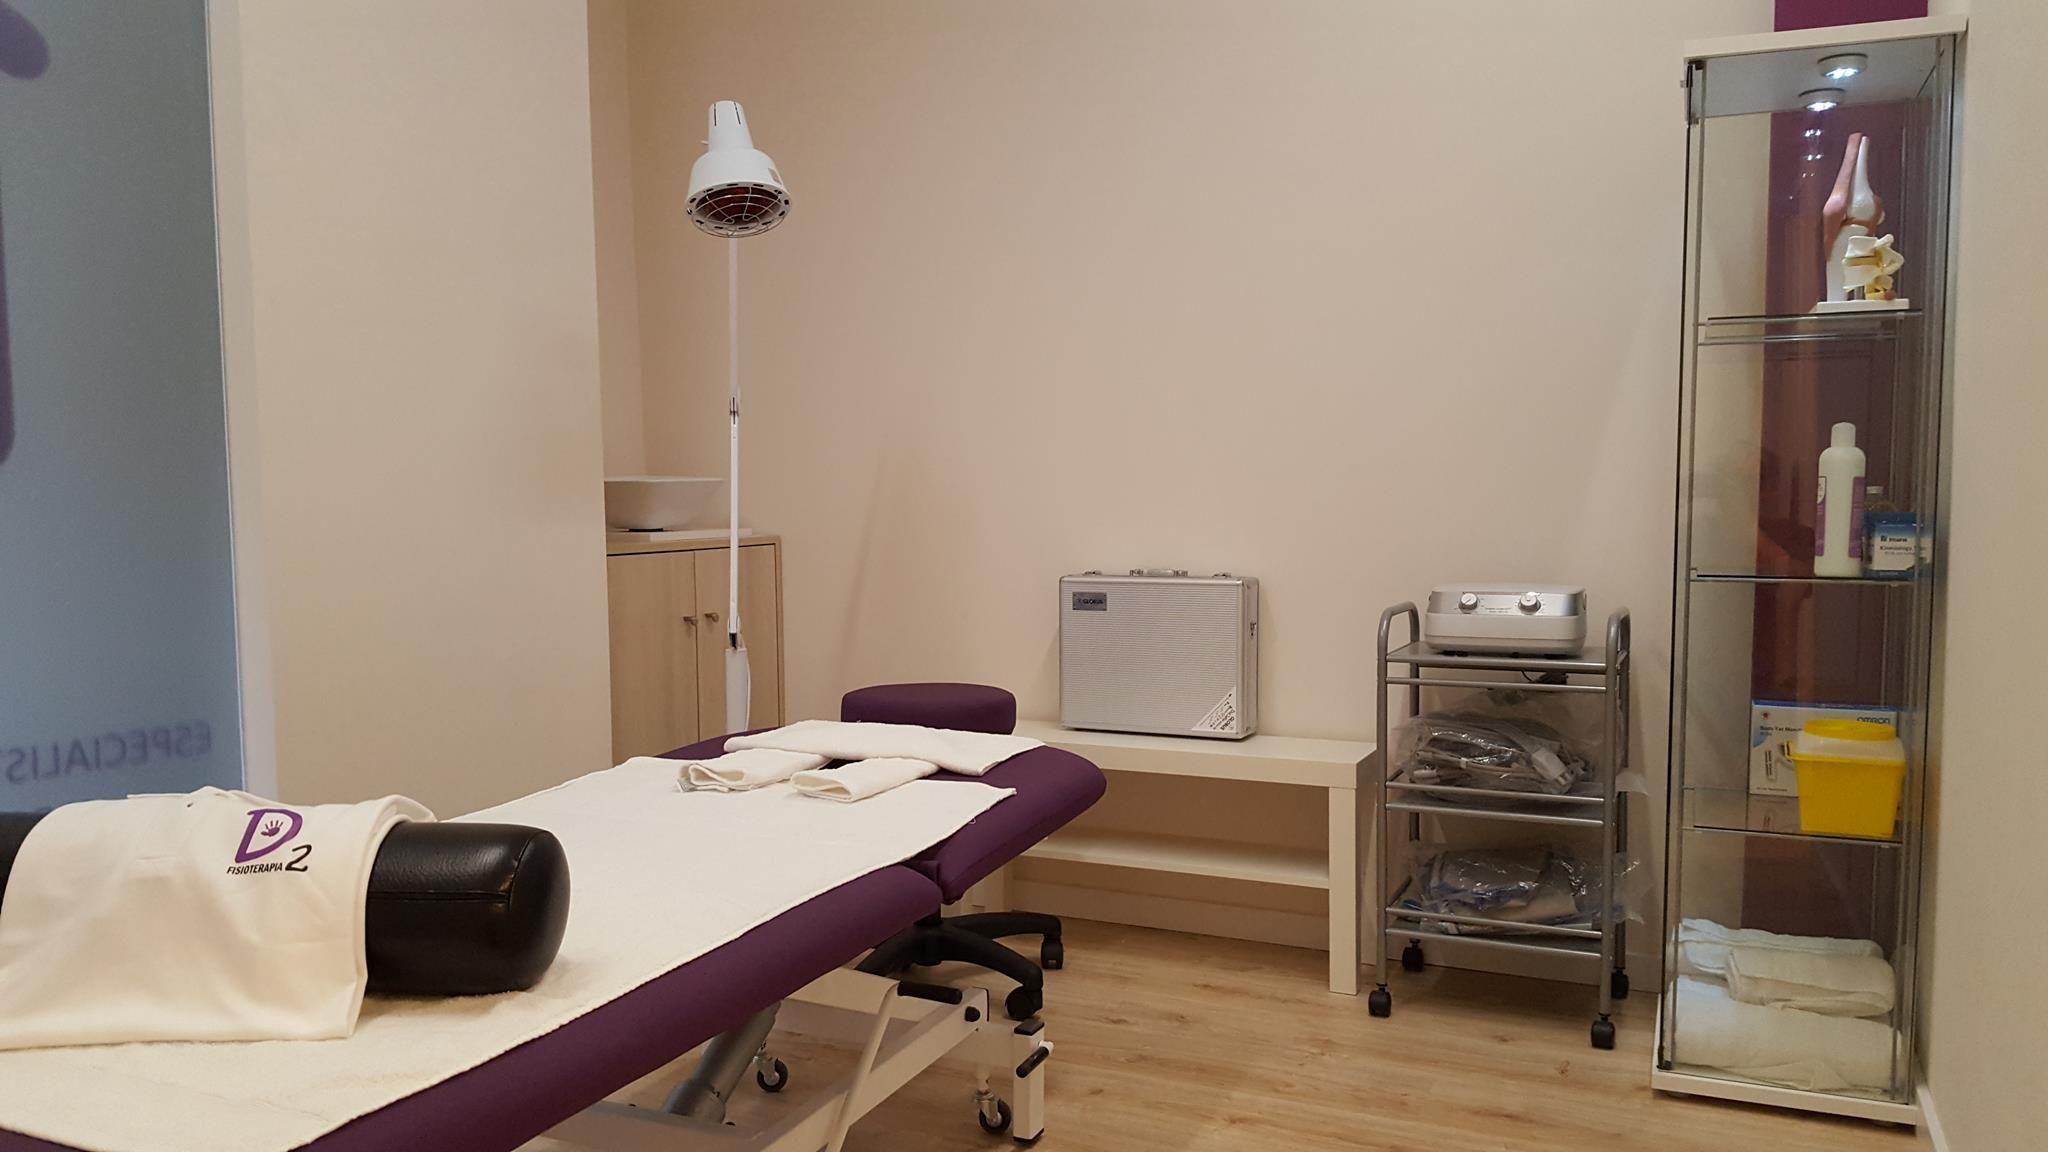 Fisioterapia general: Nuestros Servicios de Fisioterapia D2